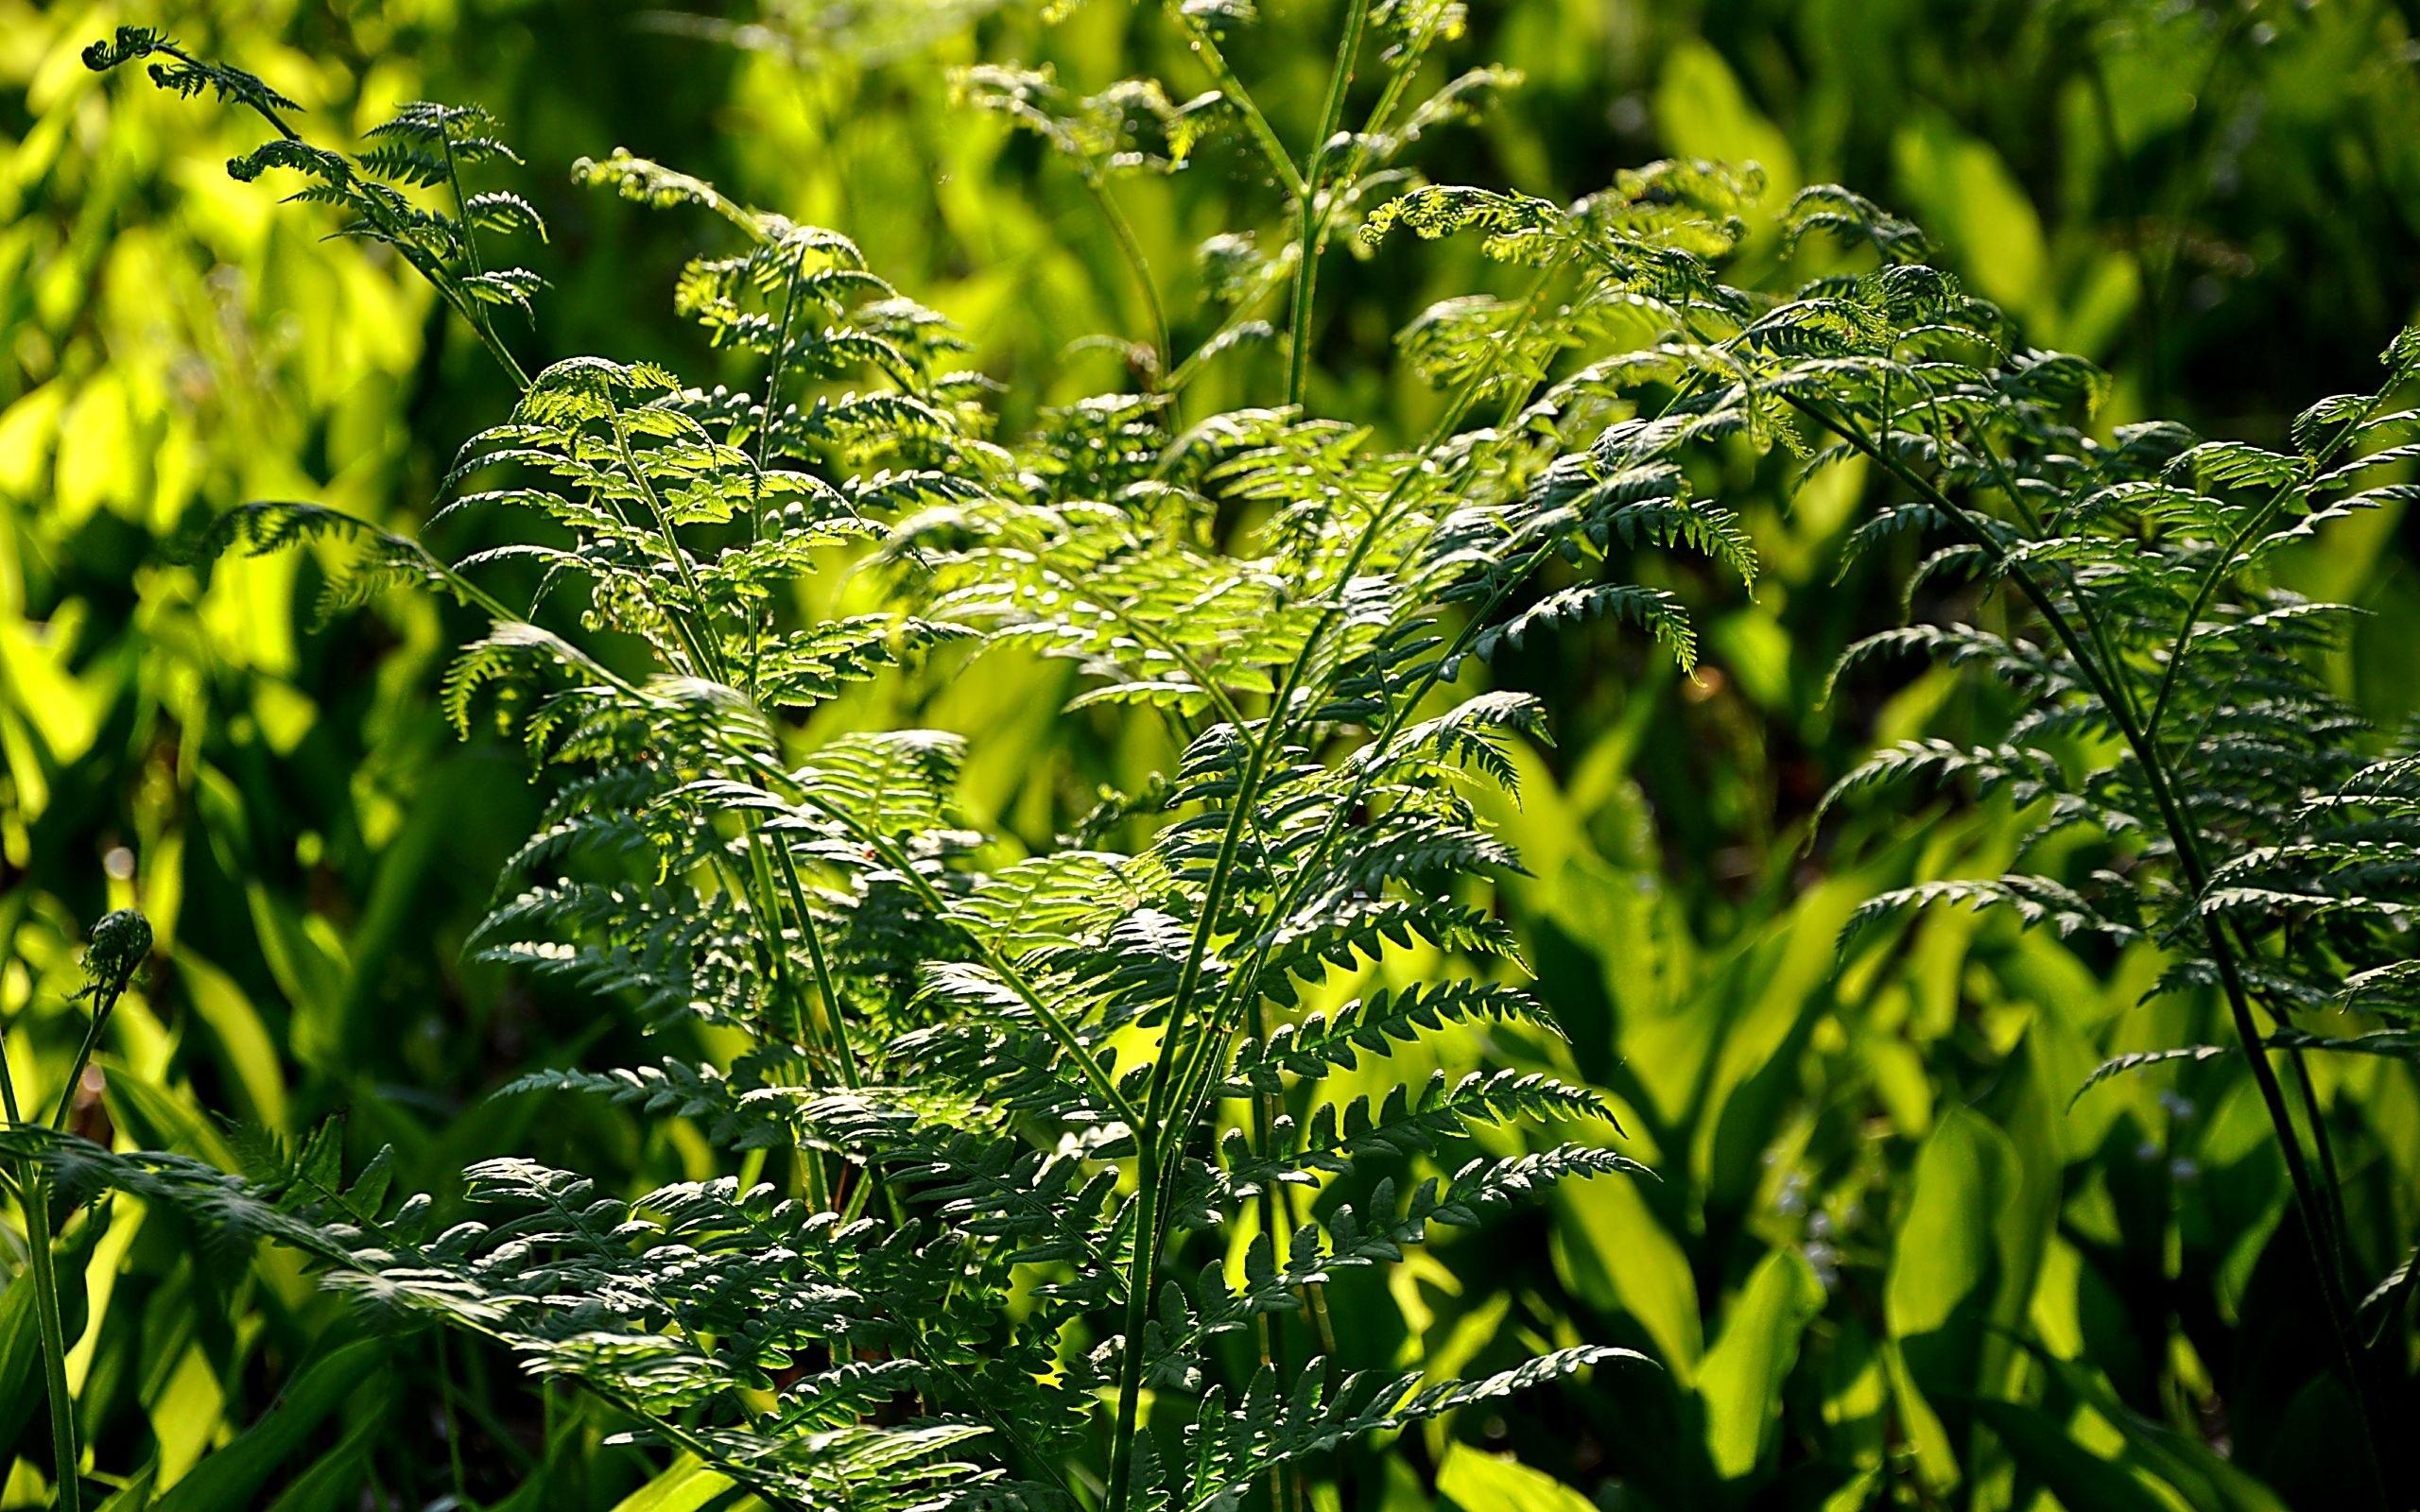 28809 Hintergrundbild herunterladen Pflanzen, Farne - Bildschirmschoner und Bilder kostenlos